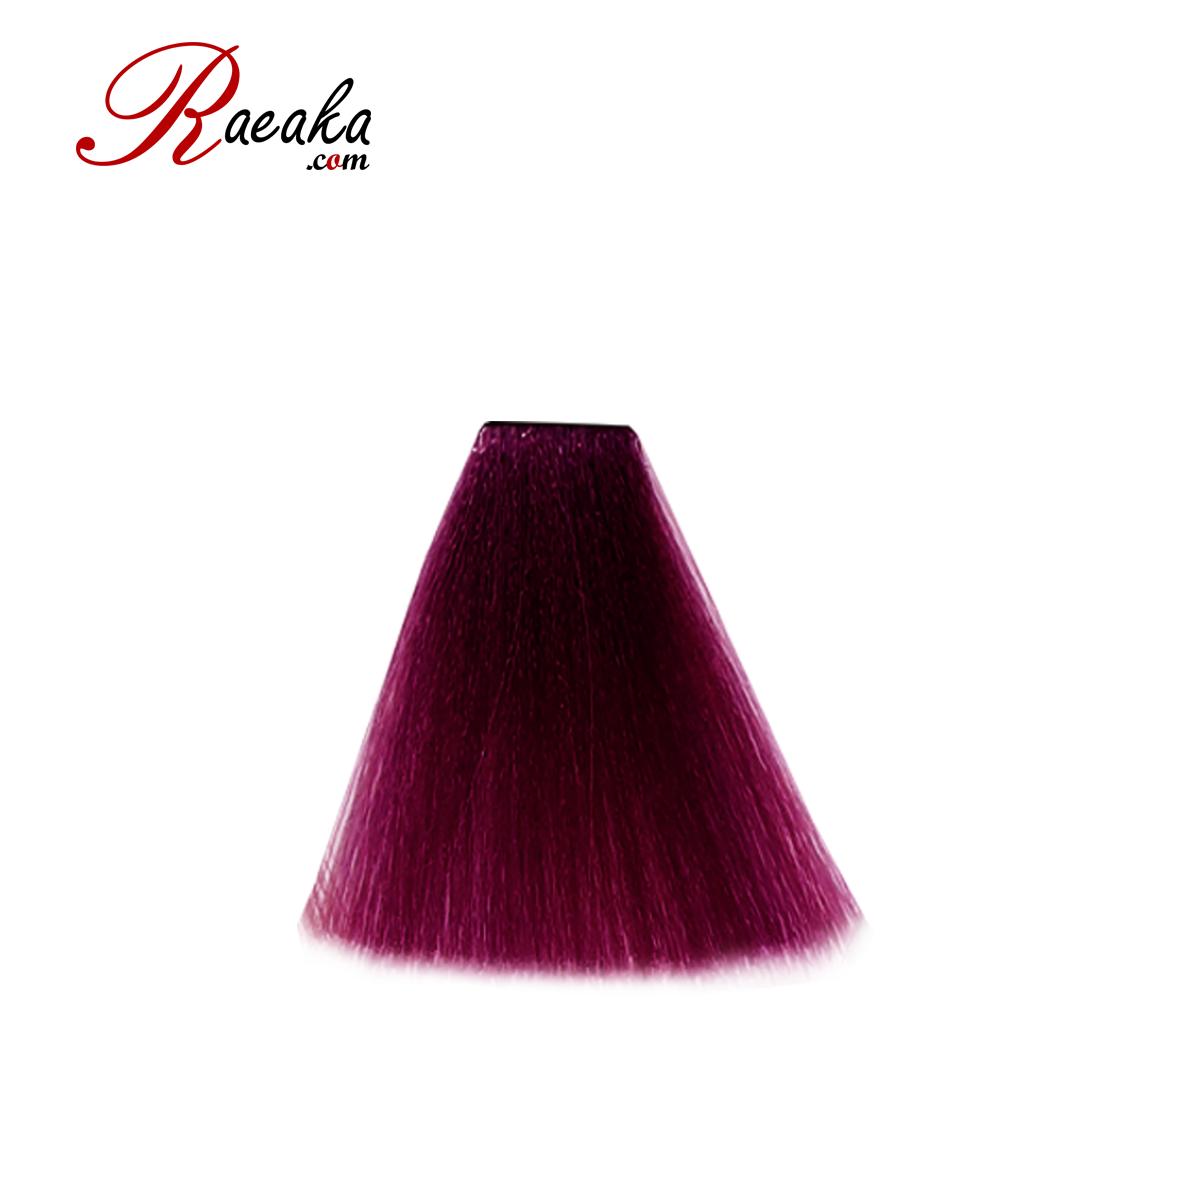 رنگ مو دوماسی سری رنگ های ترکیبی ویولت ۶٫۲۶۰ حجم ۱۲۰ میلی لیتر